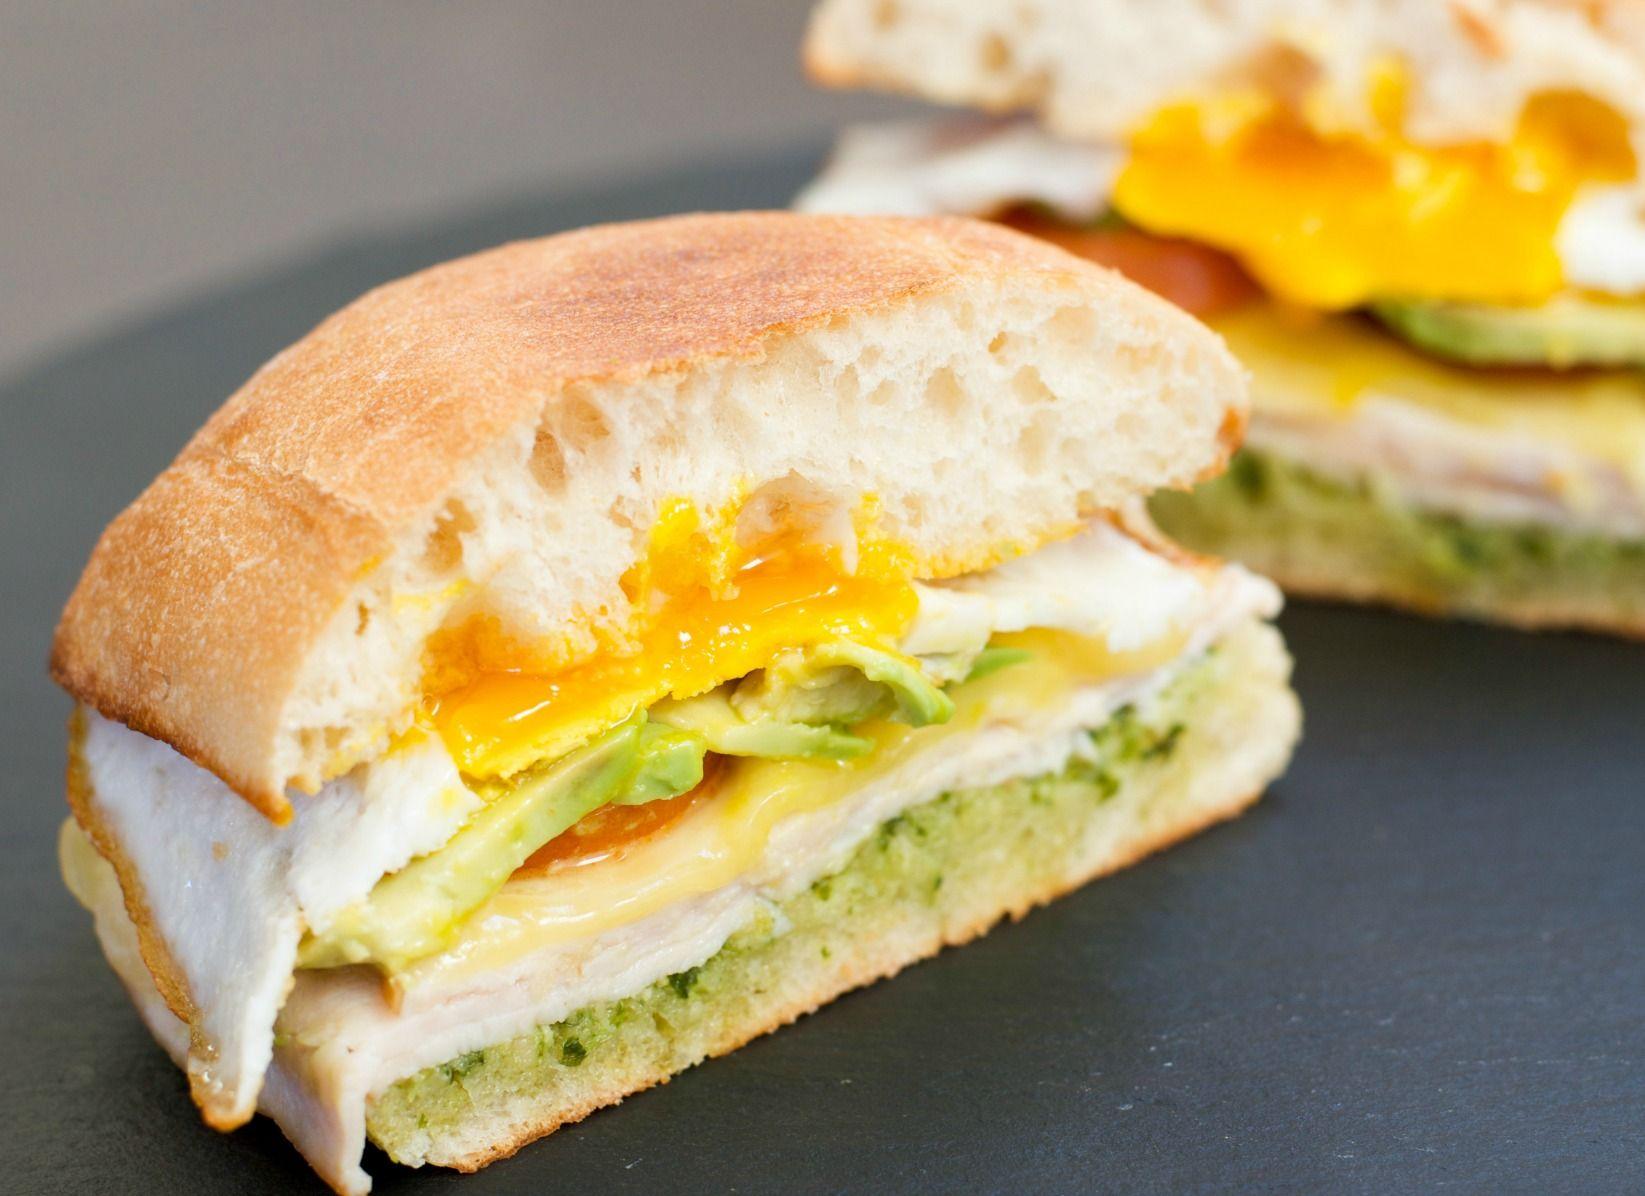 Breakfast egg sandwich with pesto #breakfast #breakfasteggsandwich #eggs #pesto